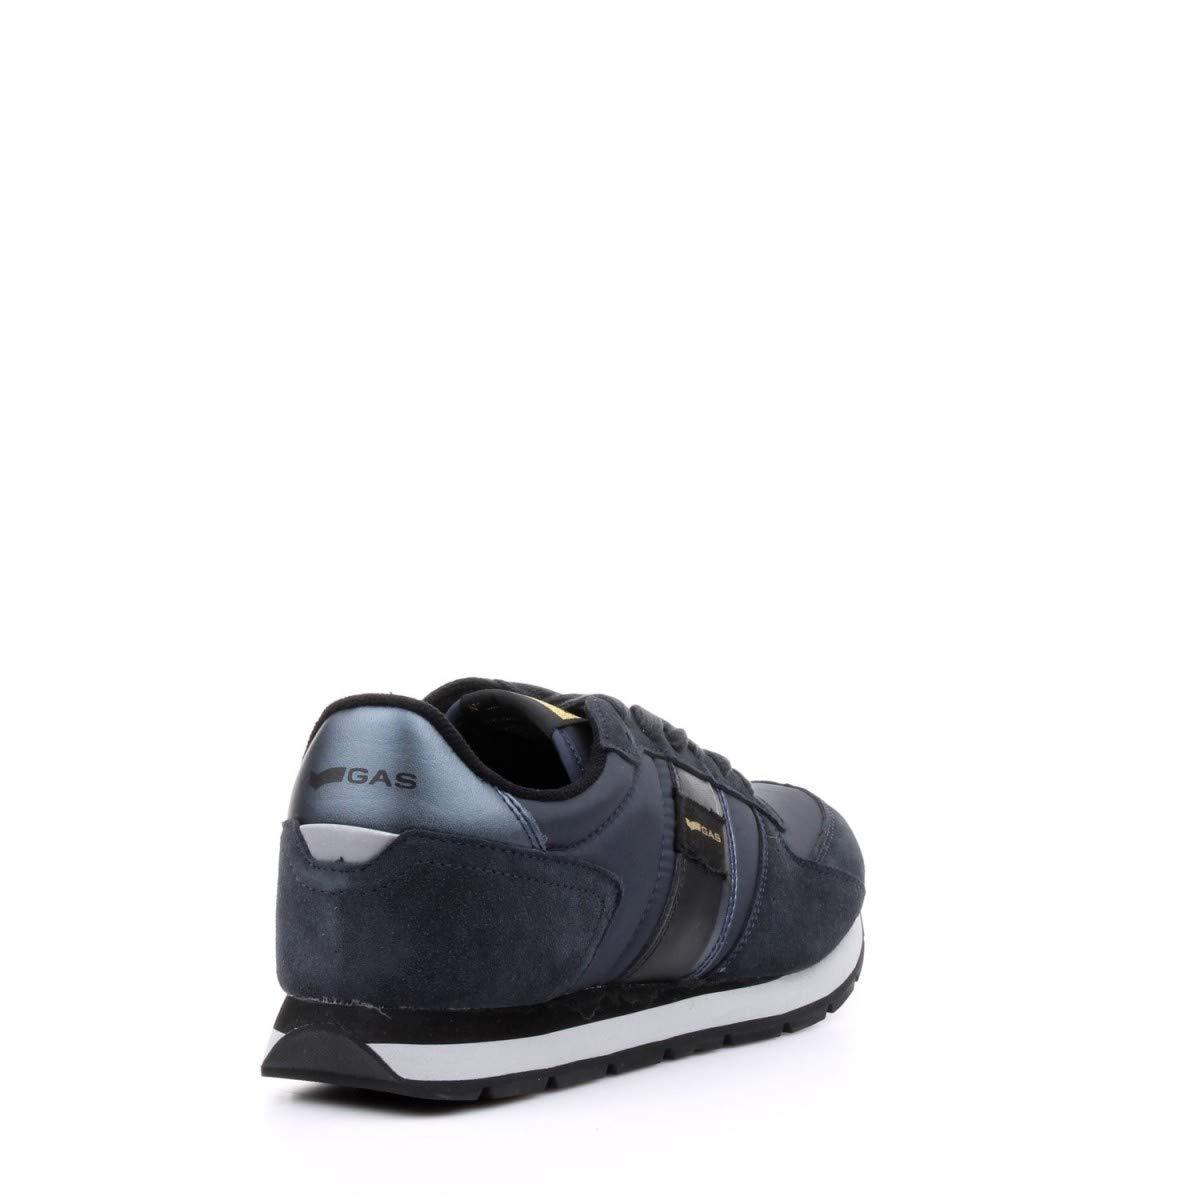 new product 60e66 585eb Scarpe Gas GAM823045 Sneakers Uomo